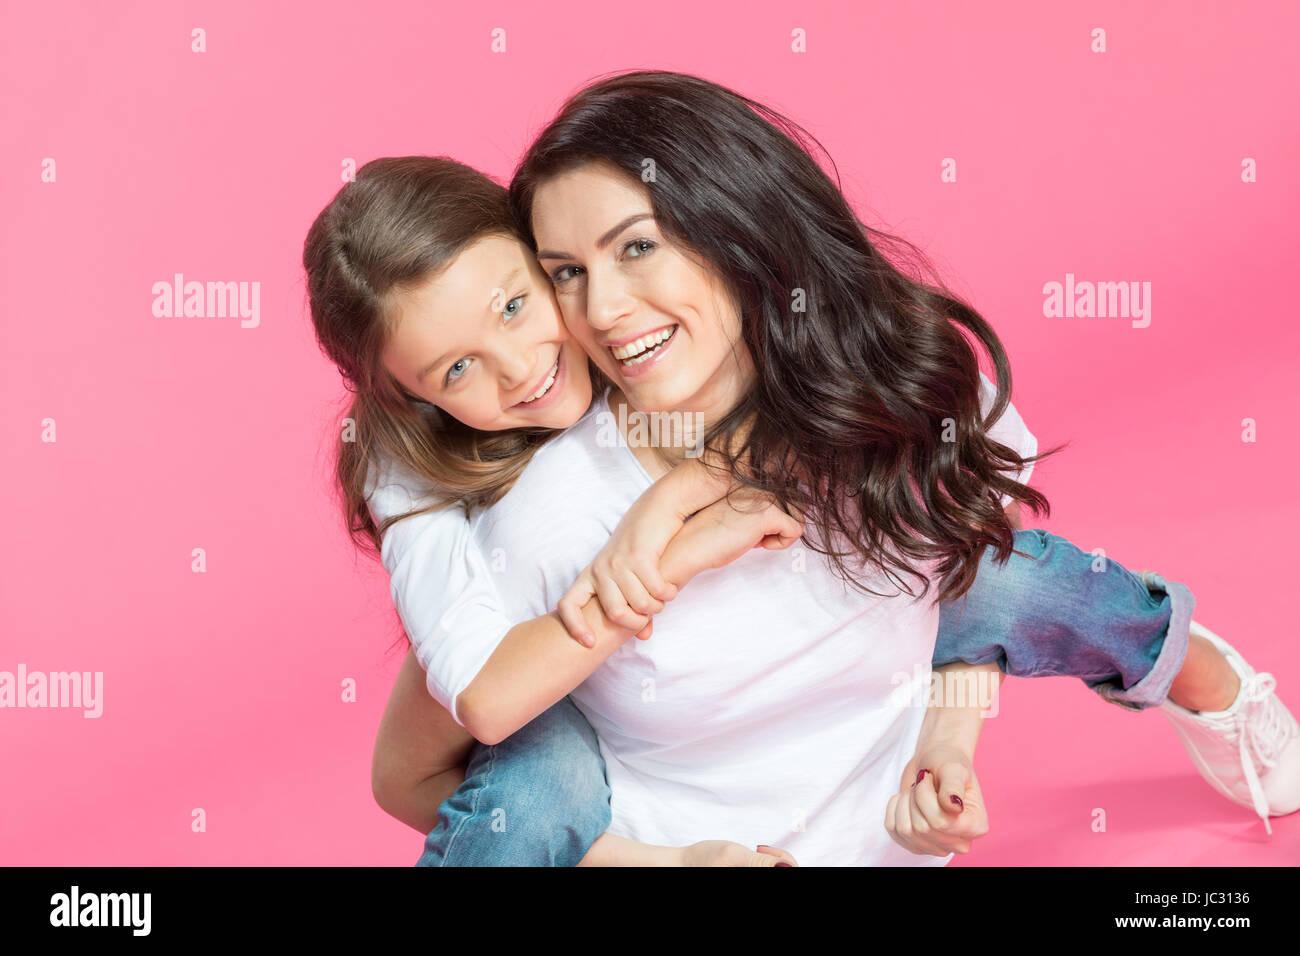 Glückliche schöne Mutter und Tochter umarmt und lächelt in die Kamera Stockbild